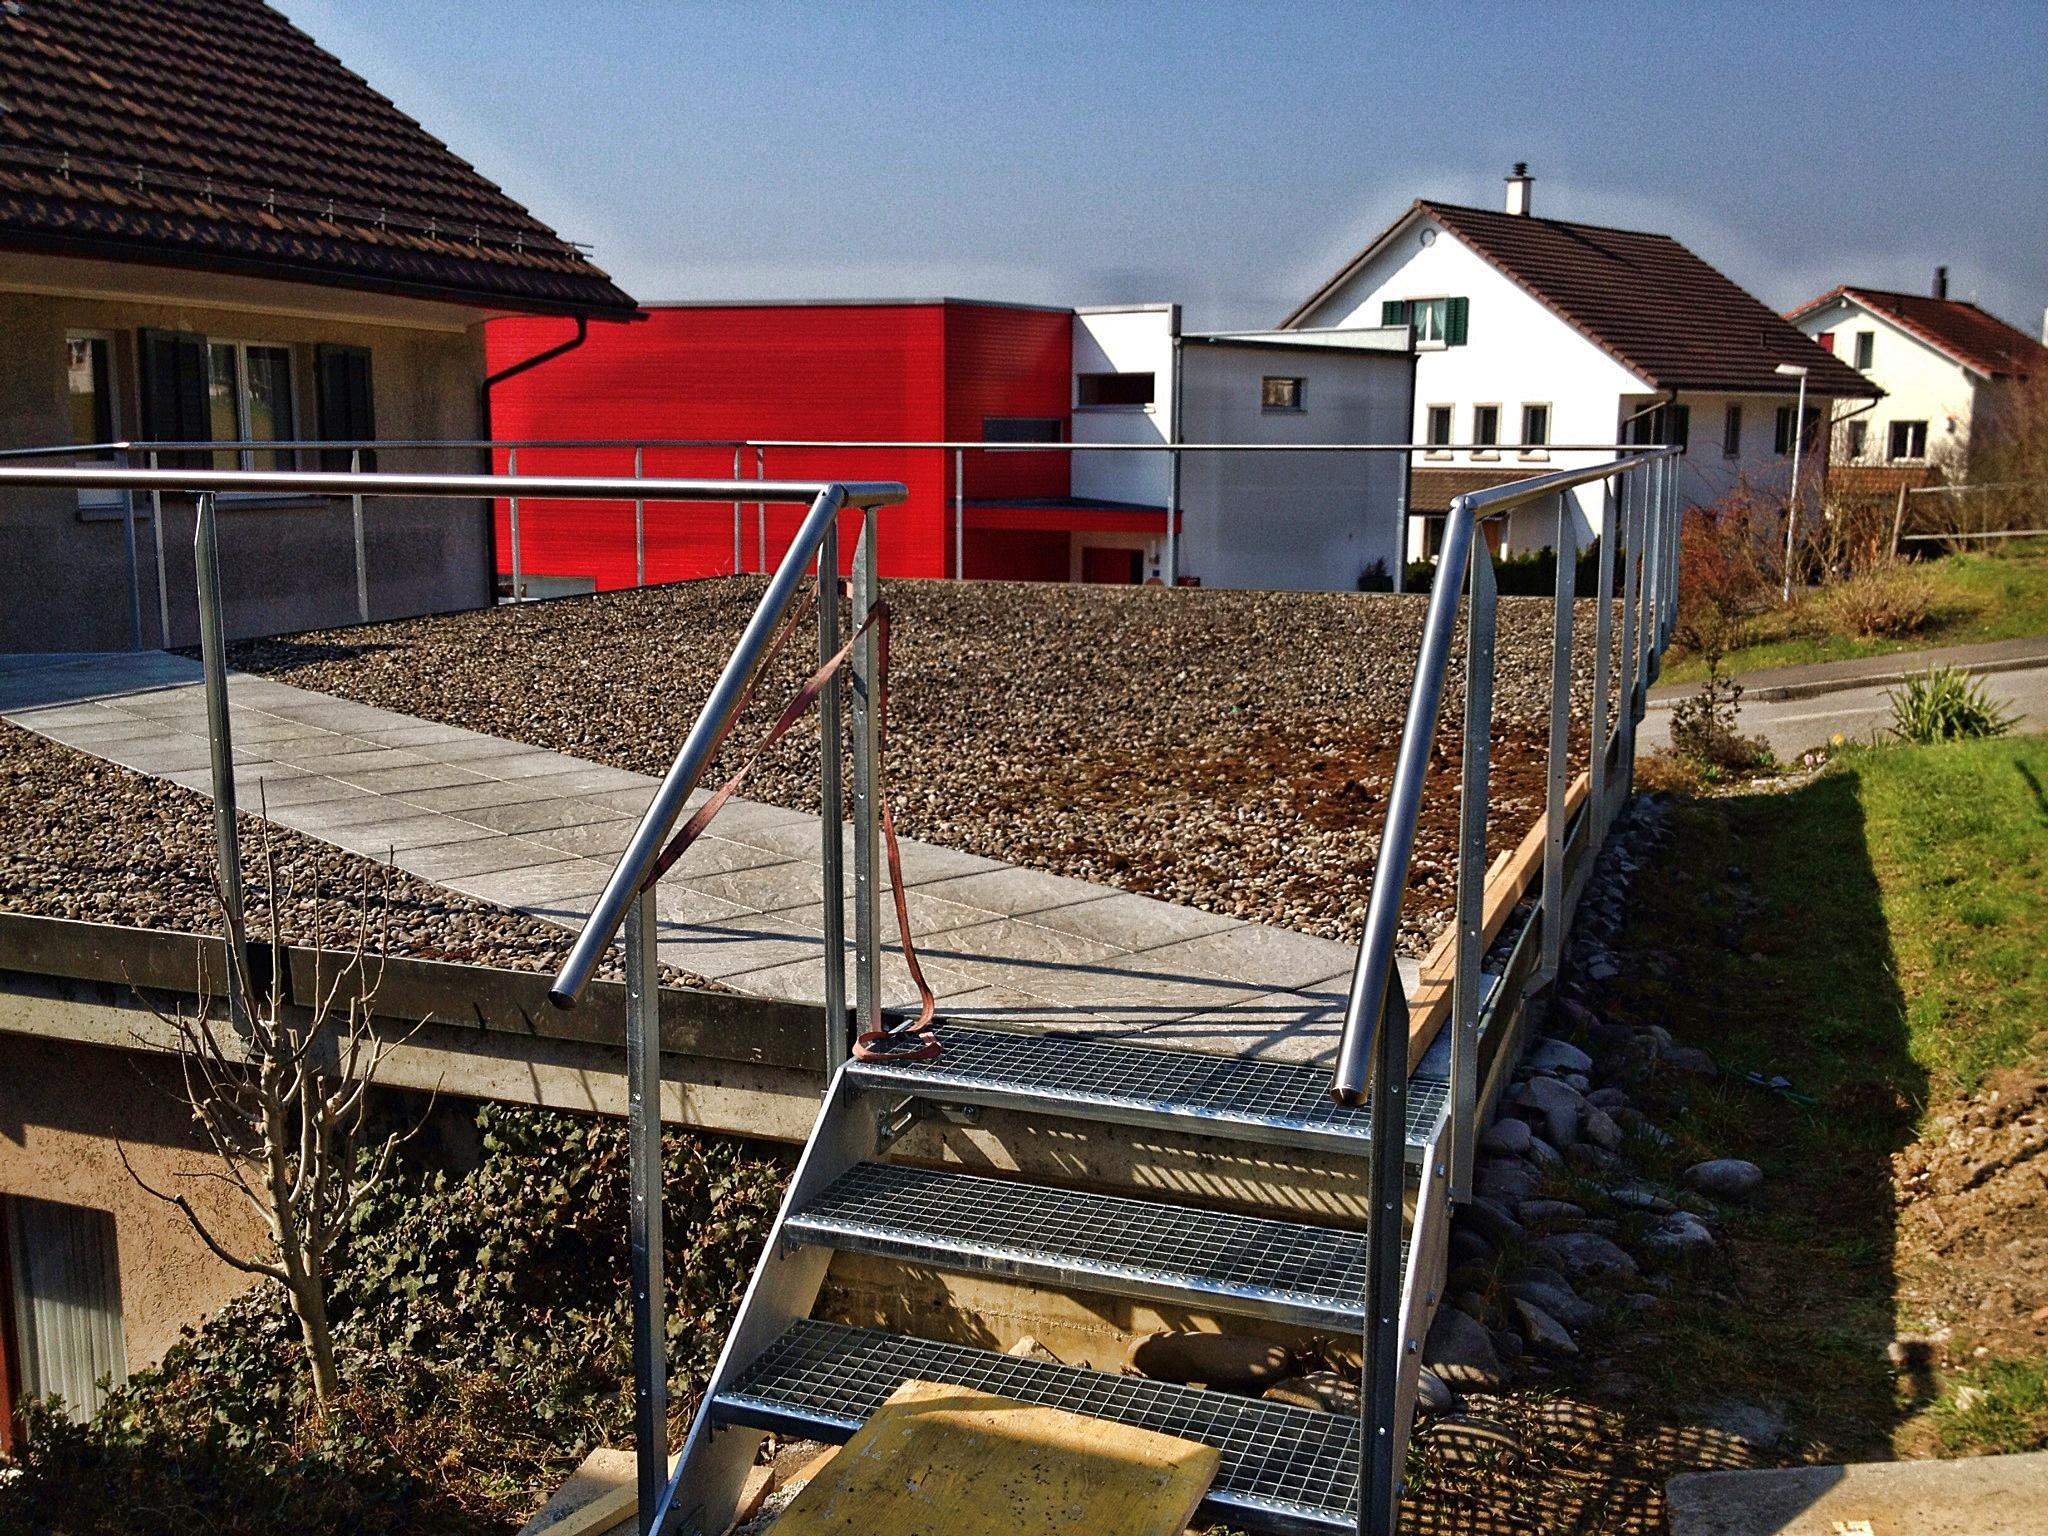 Balkongeländer mit Treppe